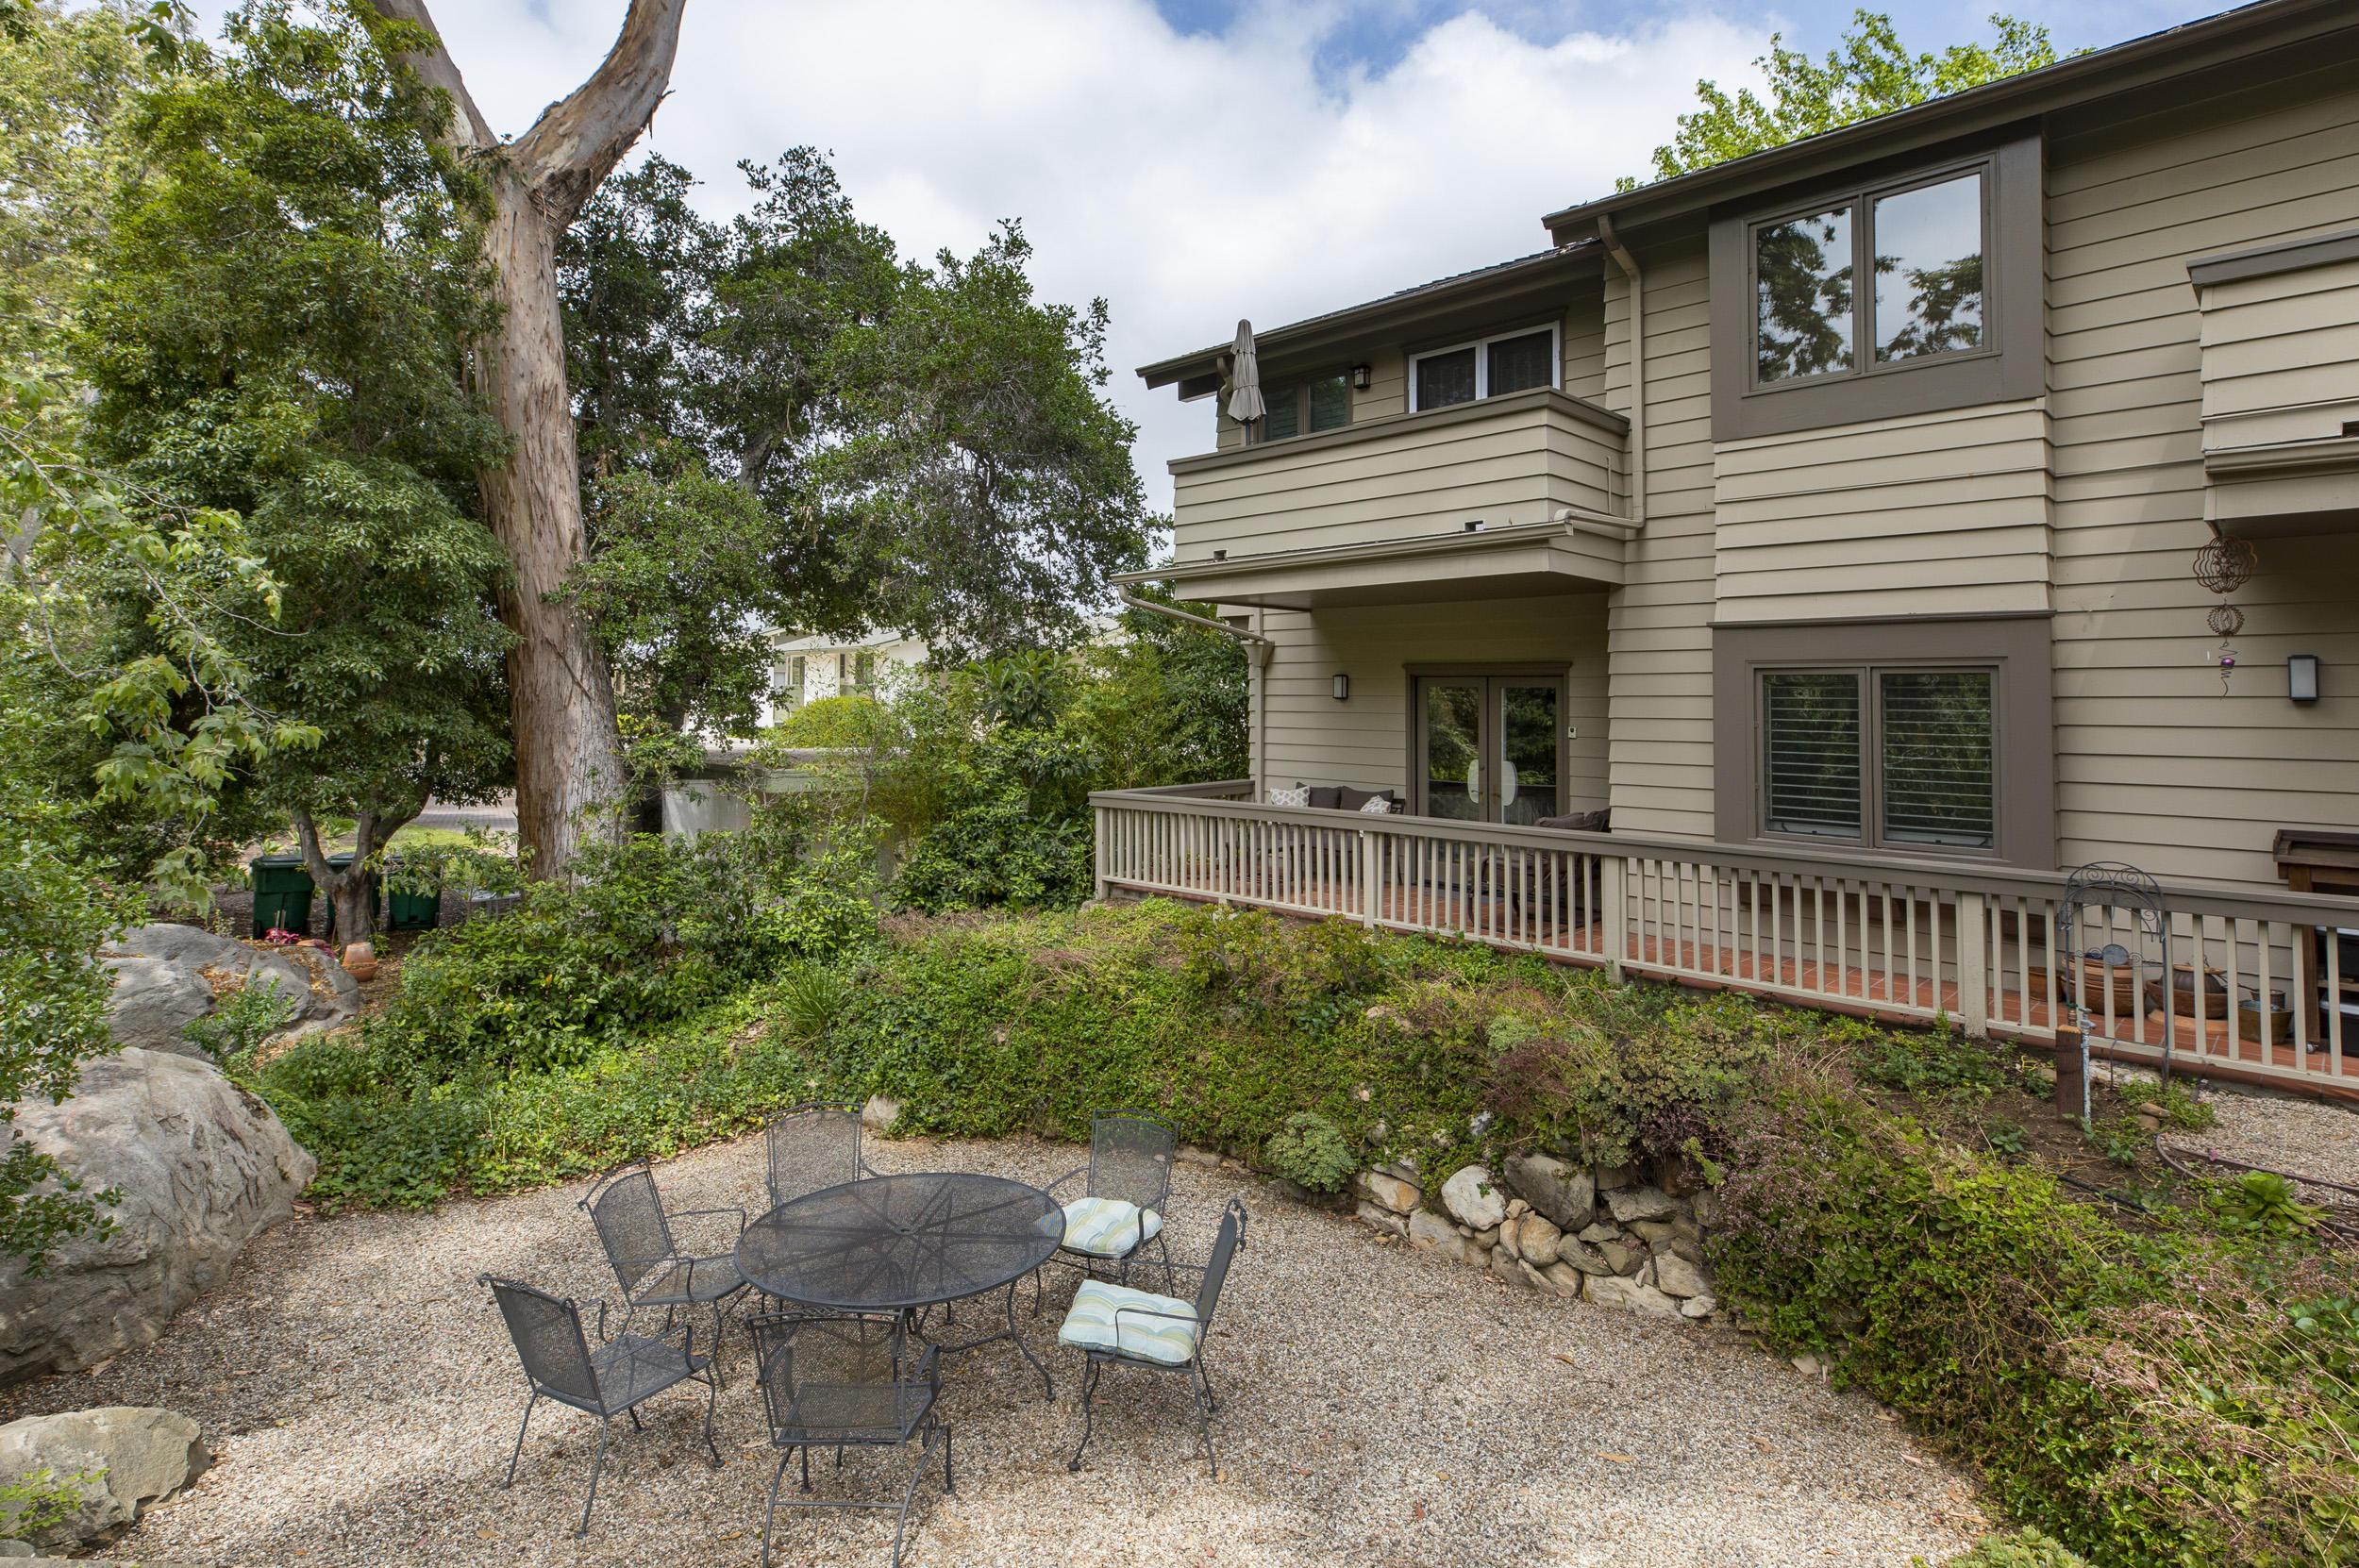 Property photo for 2745 Miradero Dr Santa Barbara, California 93105 - 19-1622